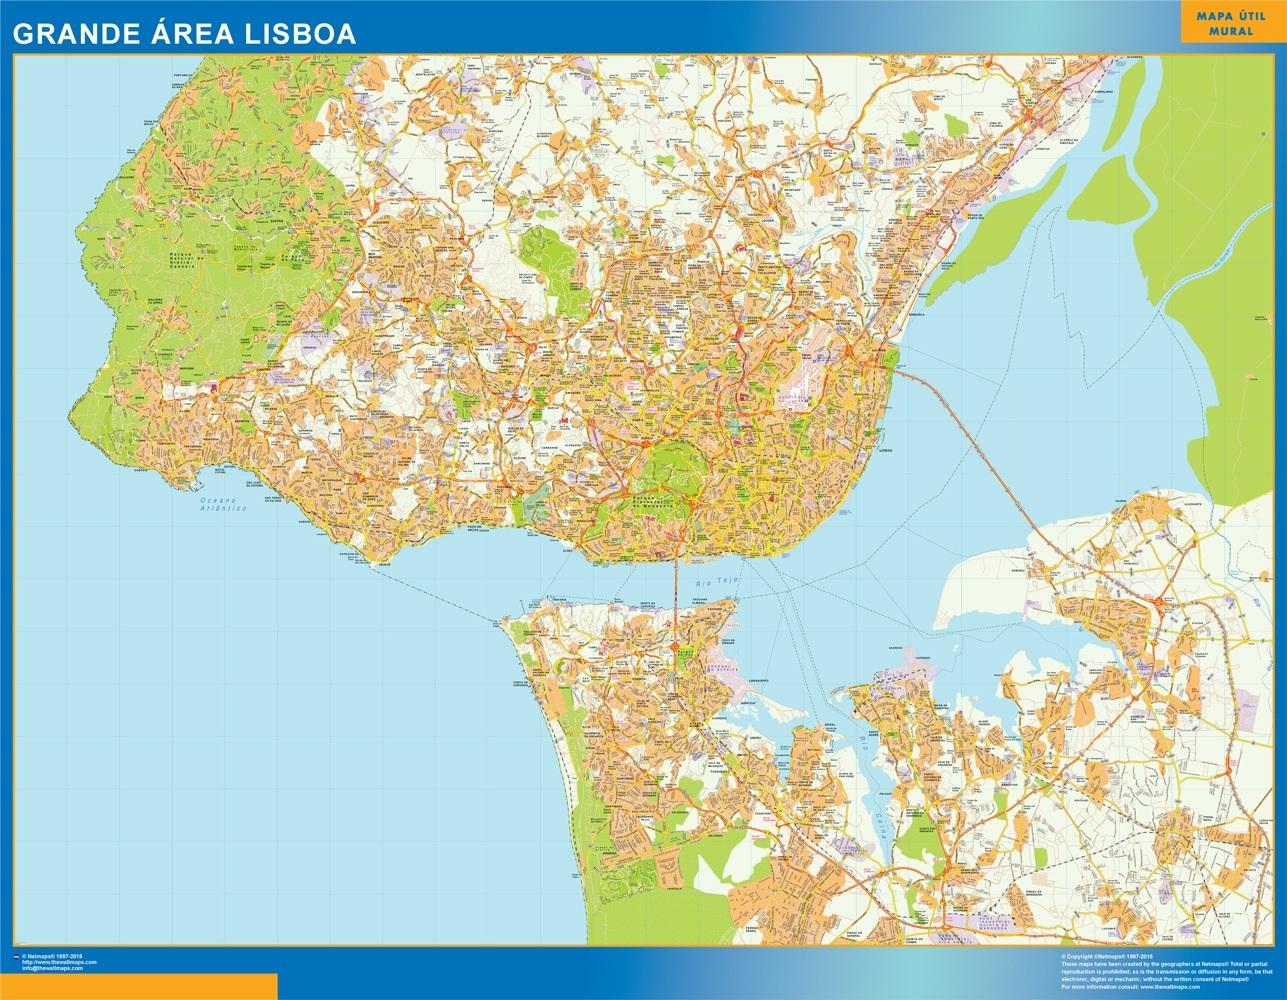 Mapa Lisboa Grande Area